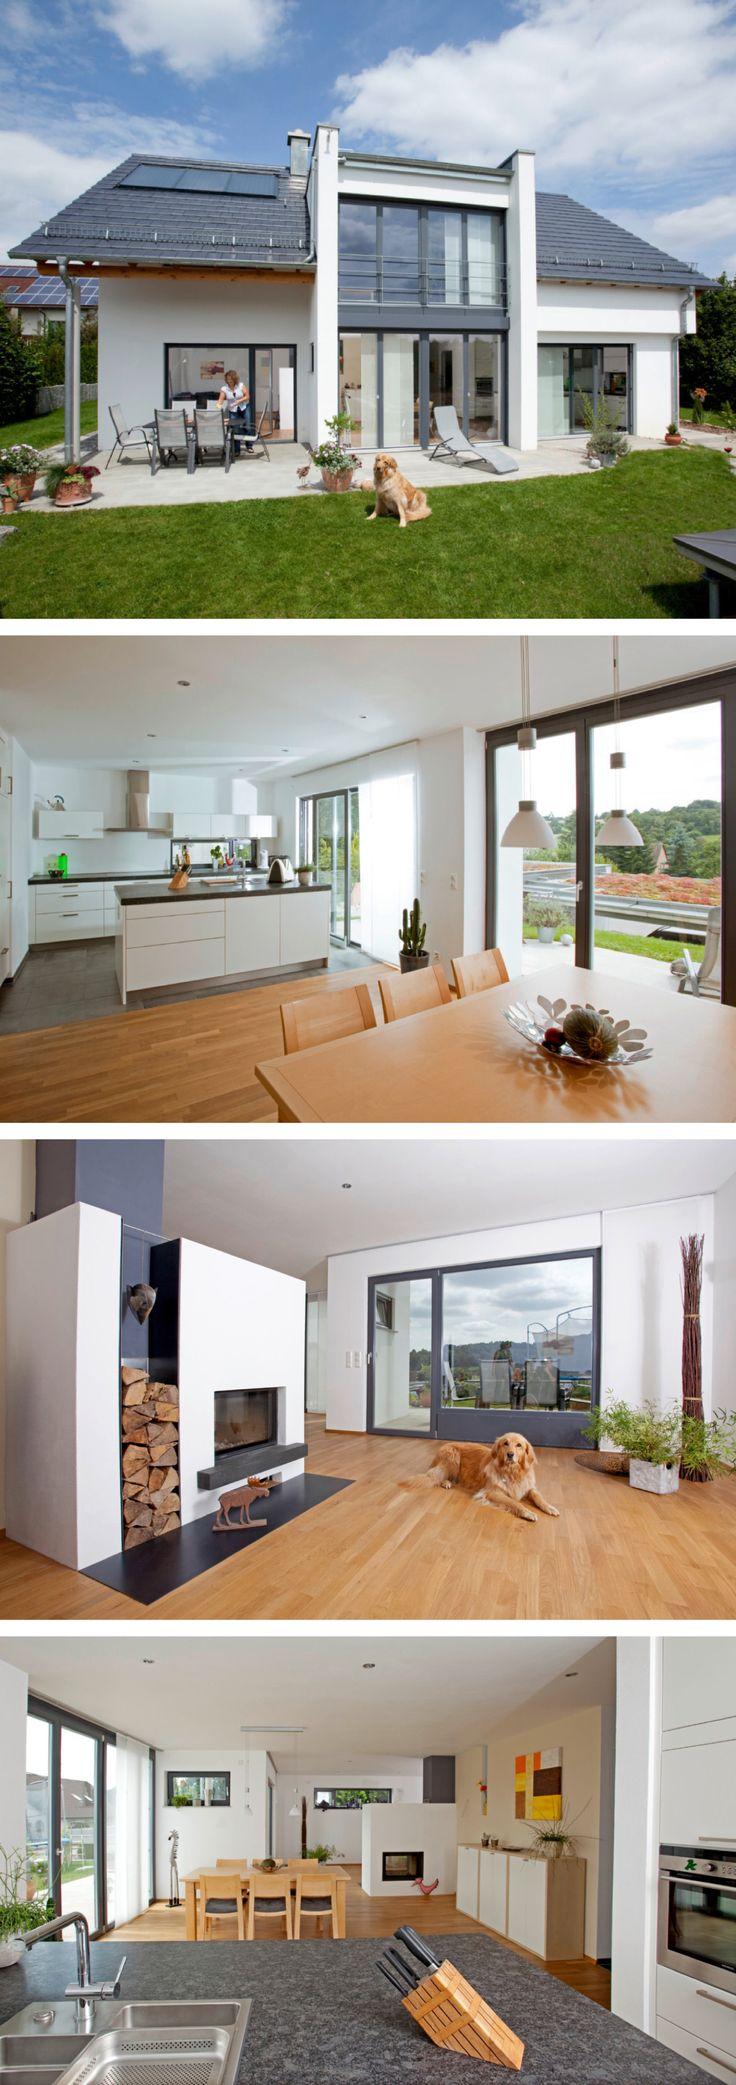 Satteldach Haus Modern Mit Querhaus, Galerie U0026 Kamin   Einfamilienhaus  Baumeister Haus Leitner Massivhaus Bauen